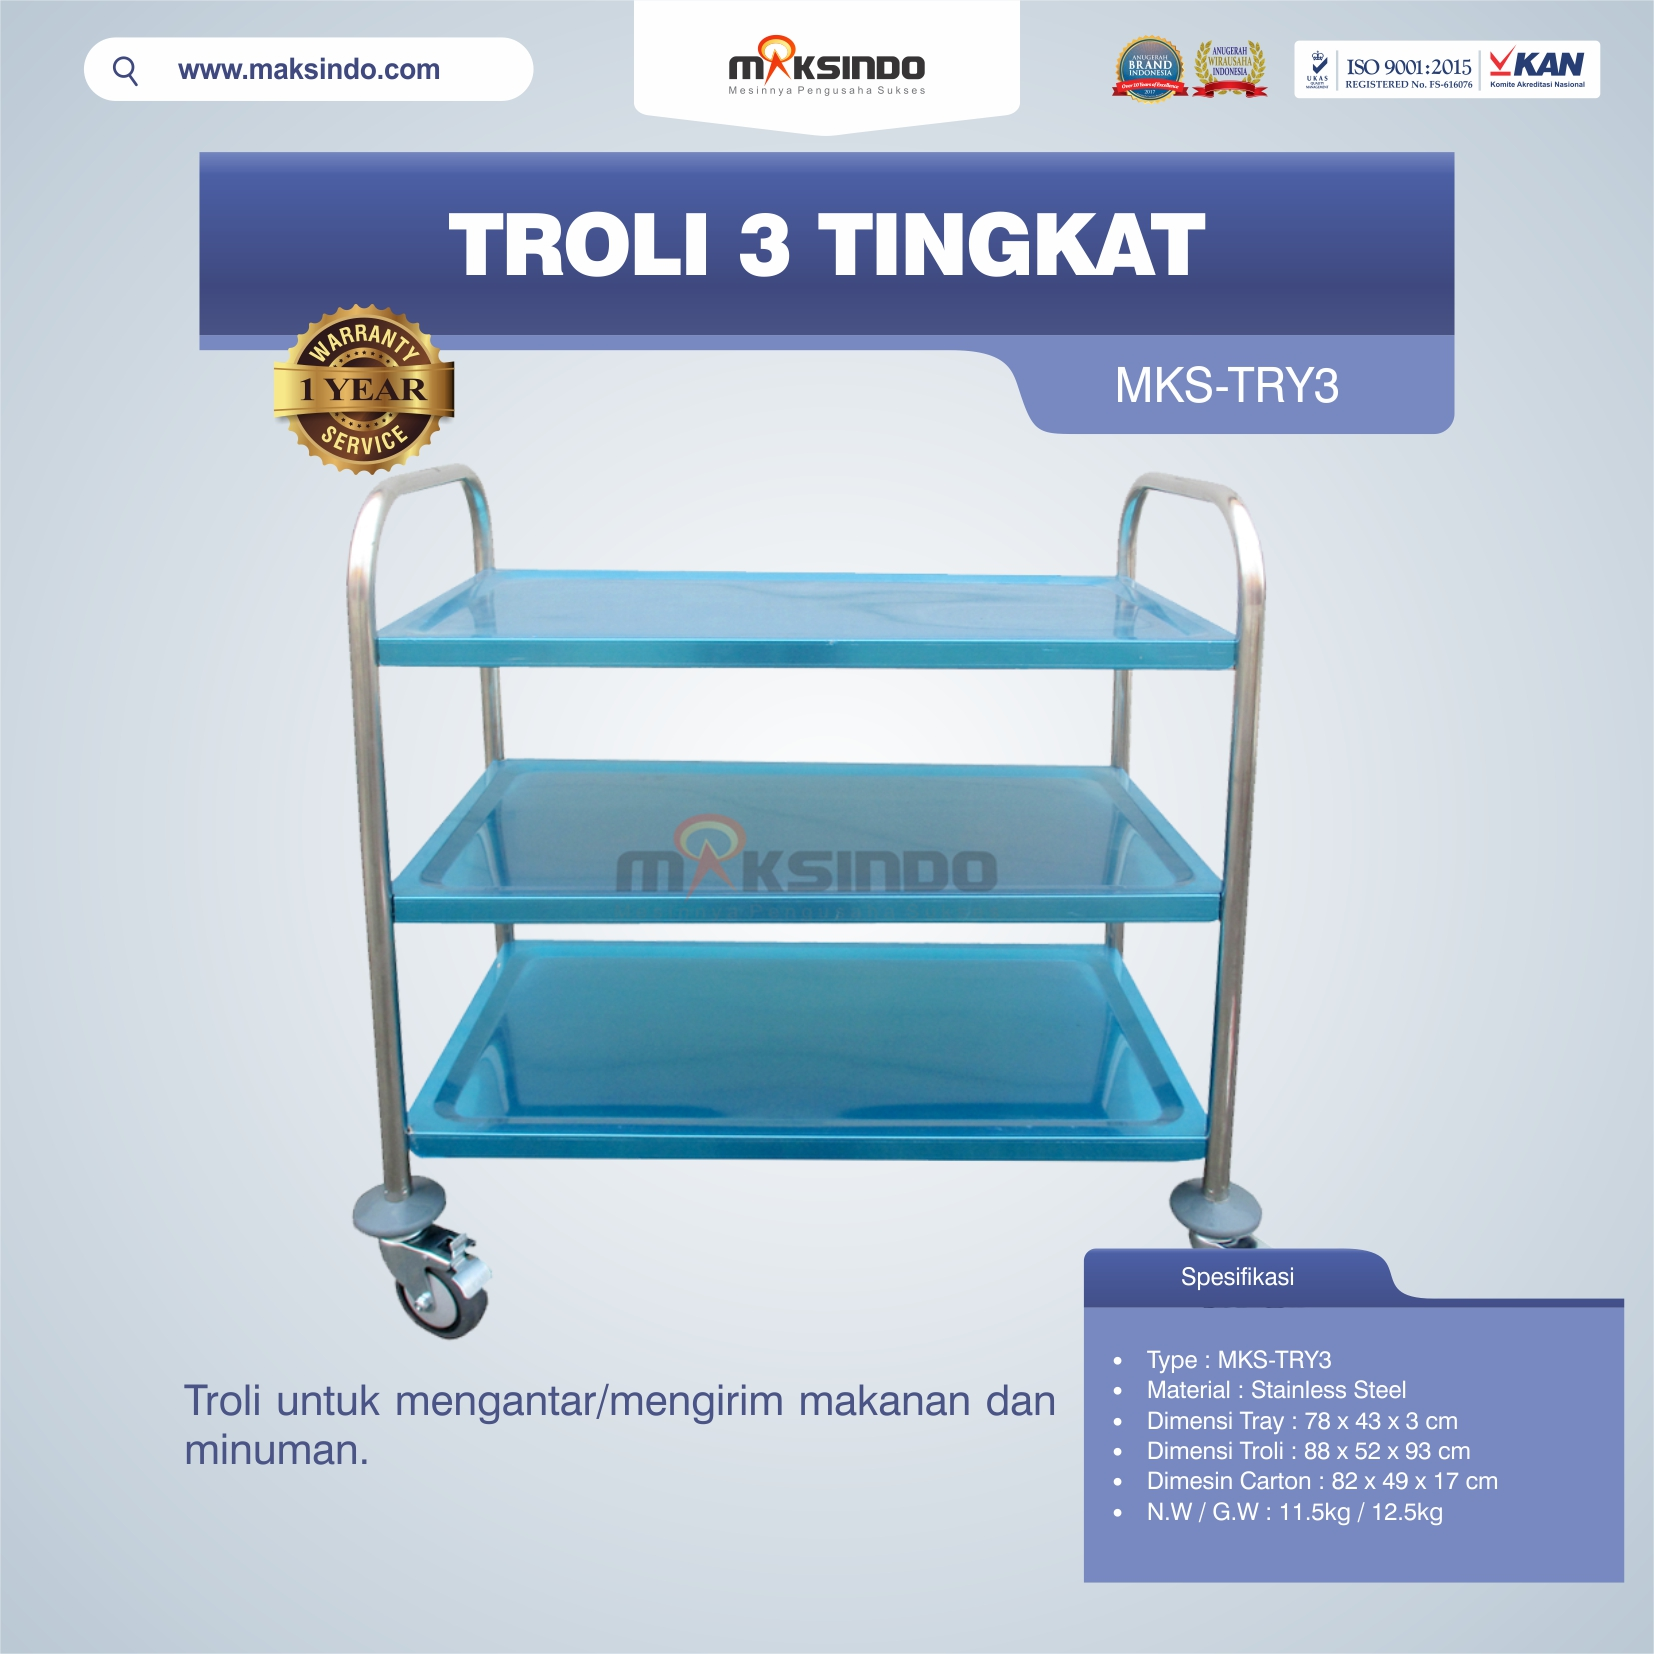 Jual Troli 3 Tingkat MKS-TRY3 di Blitar